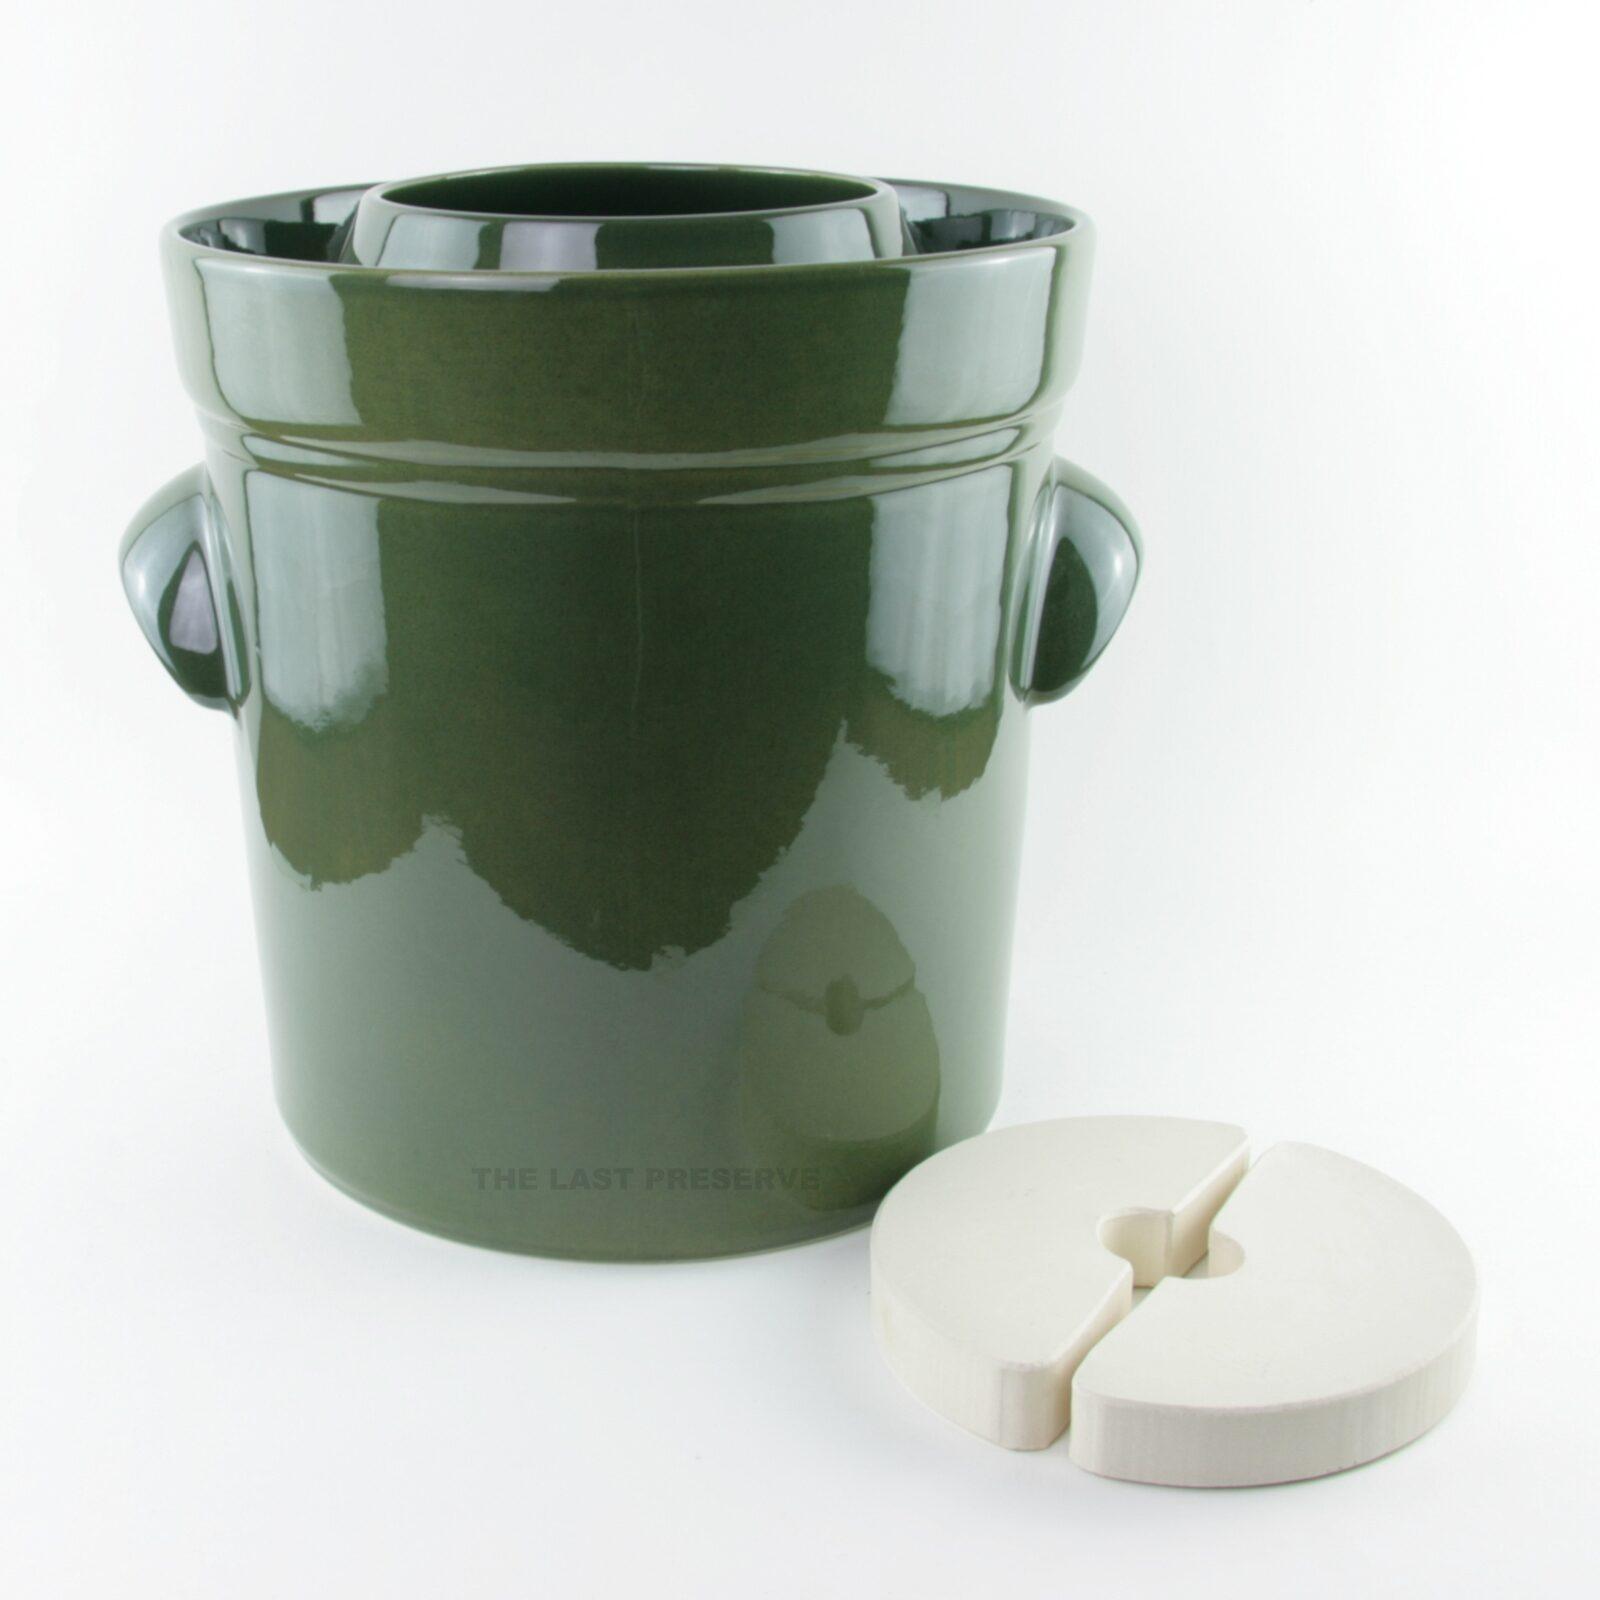 15 Litre ceramic fermentation crocks by Zaklady Ceramiczne Boleslawiec